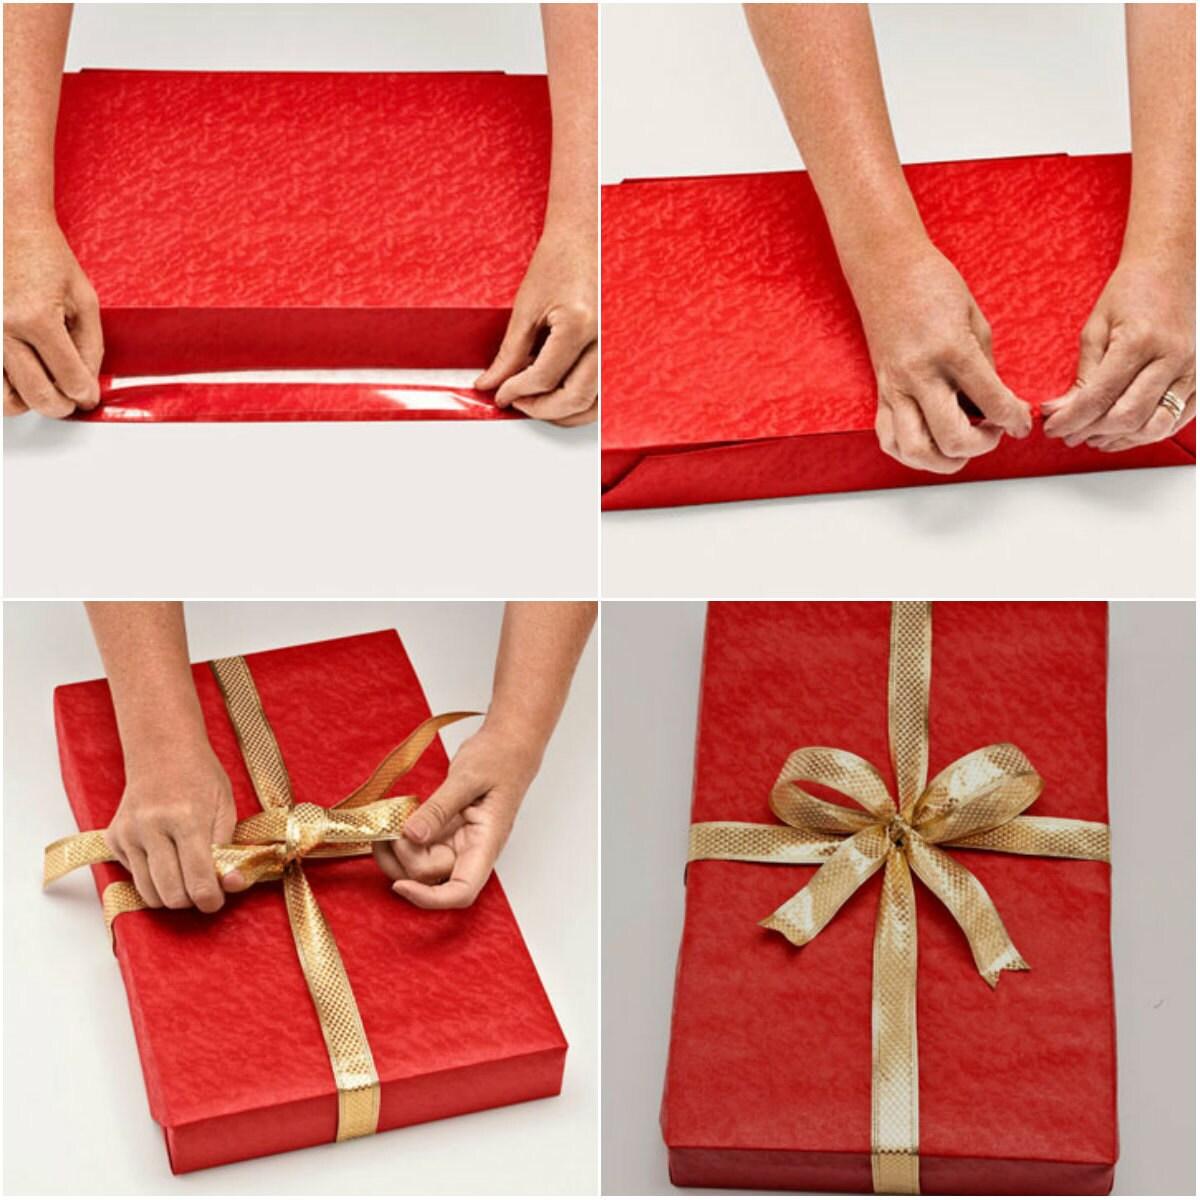 Как завернуть подарок в подарочную 640